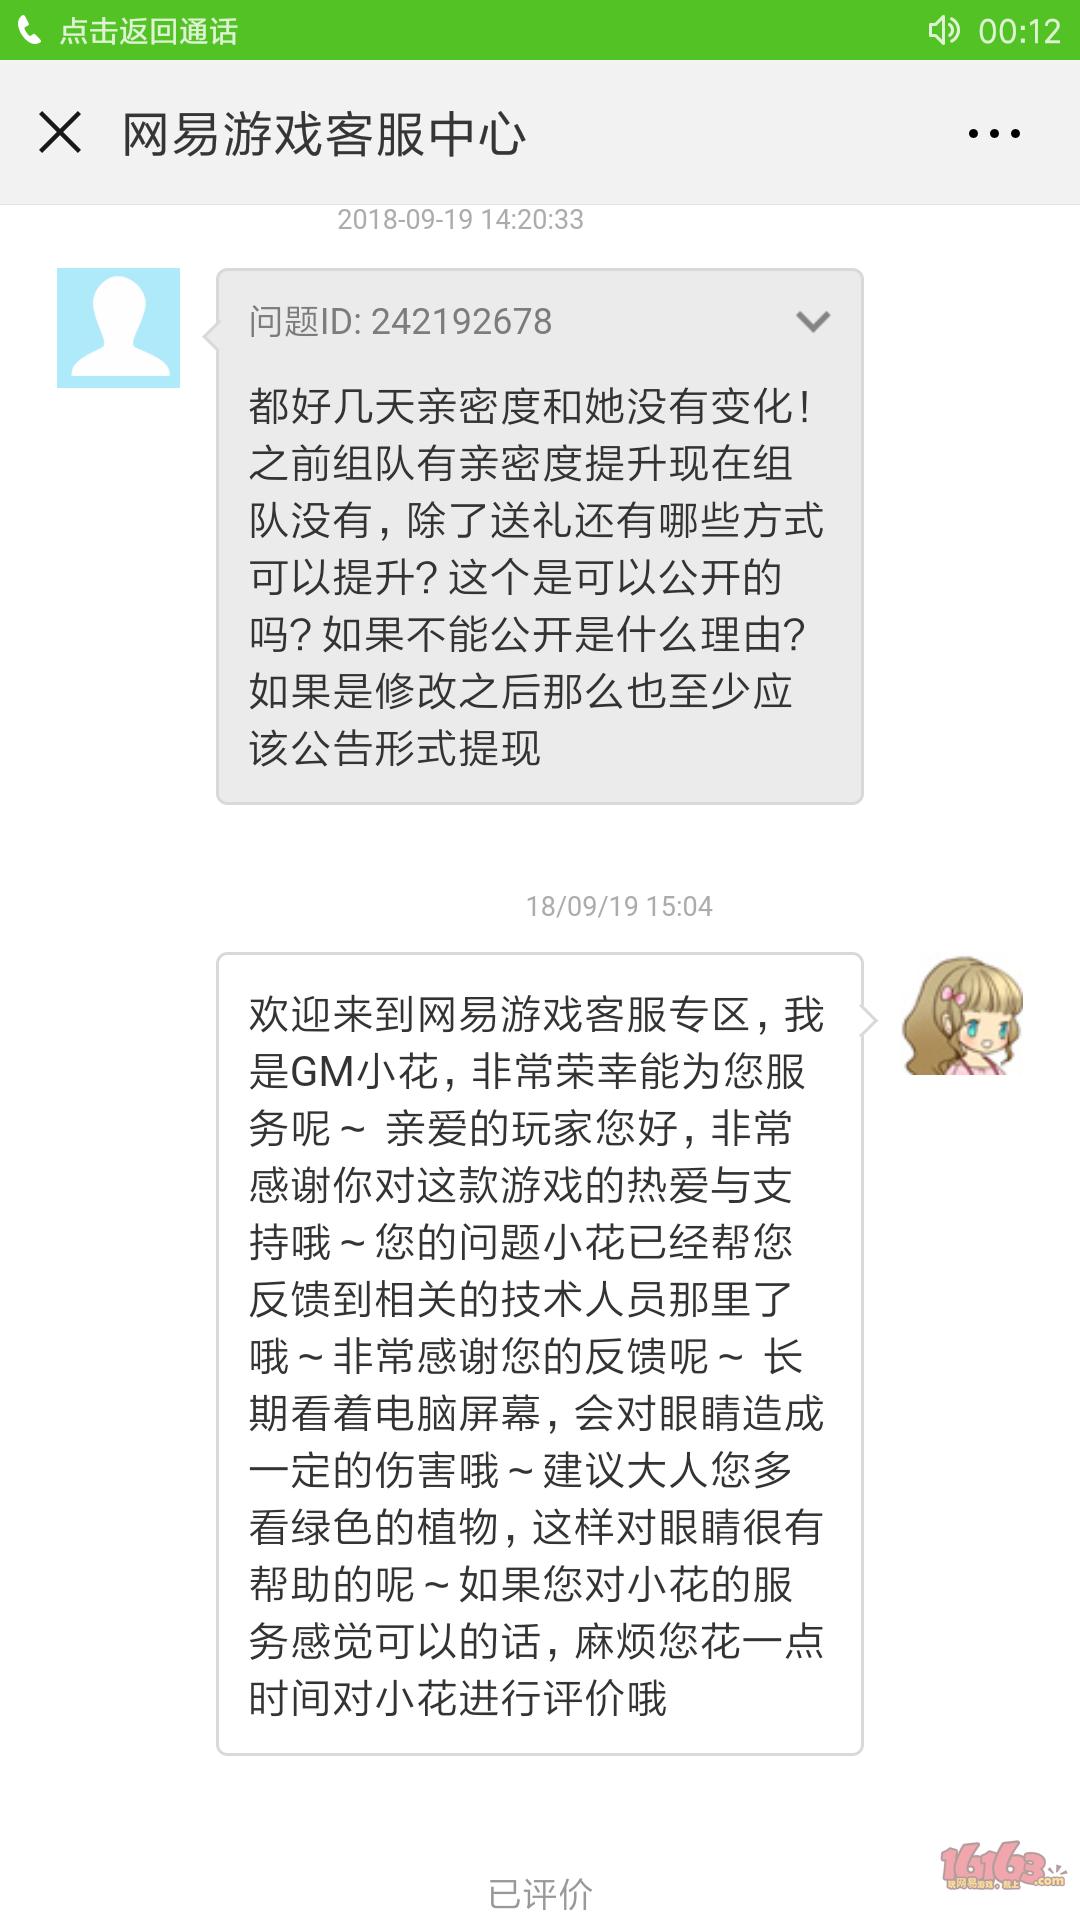 Screenshot_2018-09-20-09-11-35-277_com.tencent.mm.png